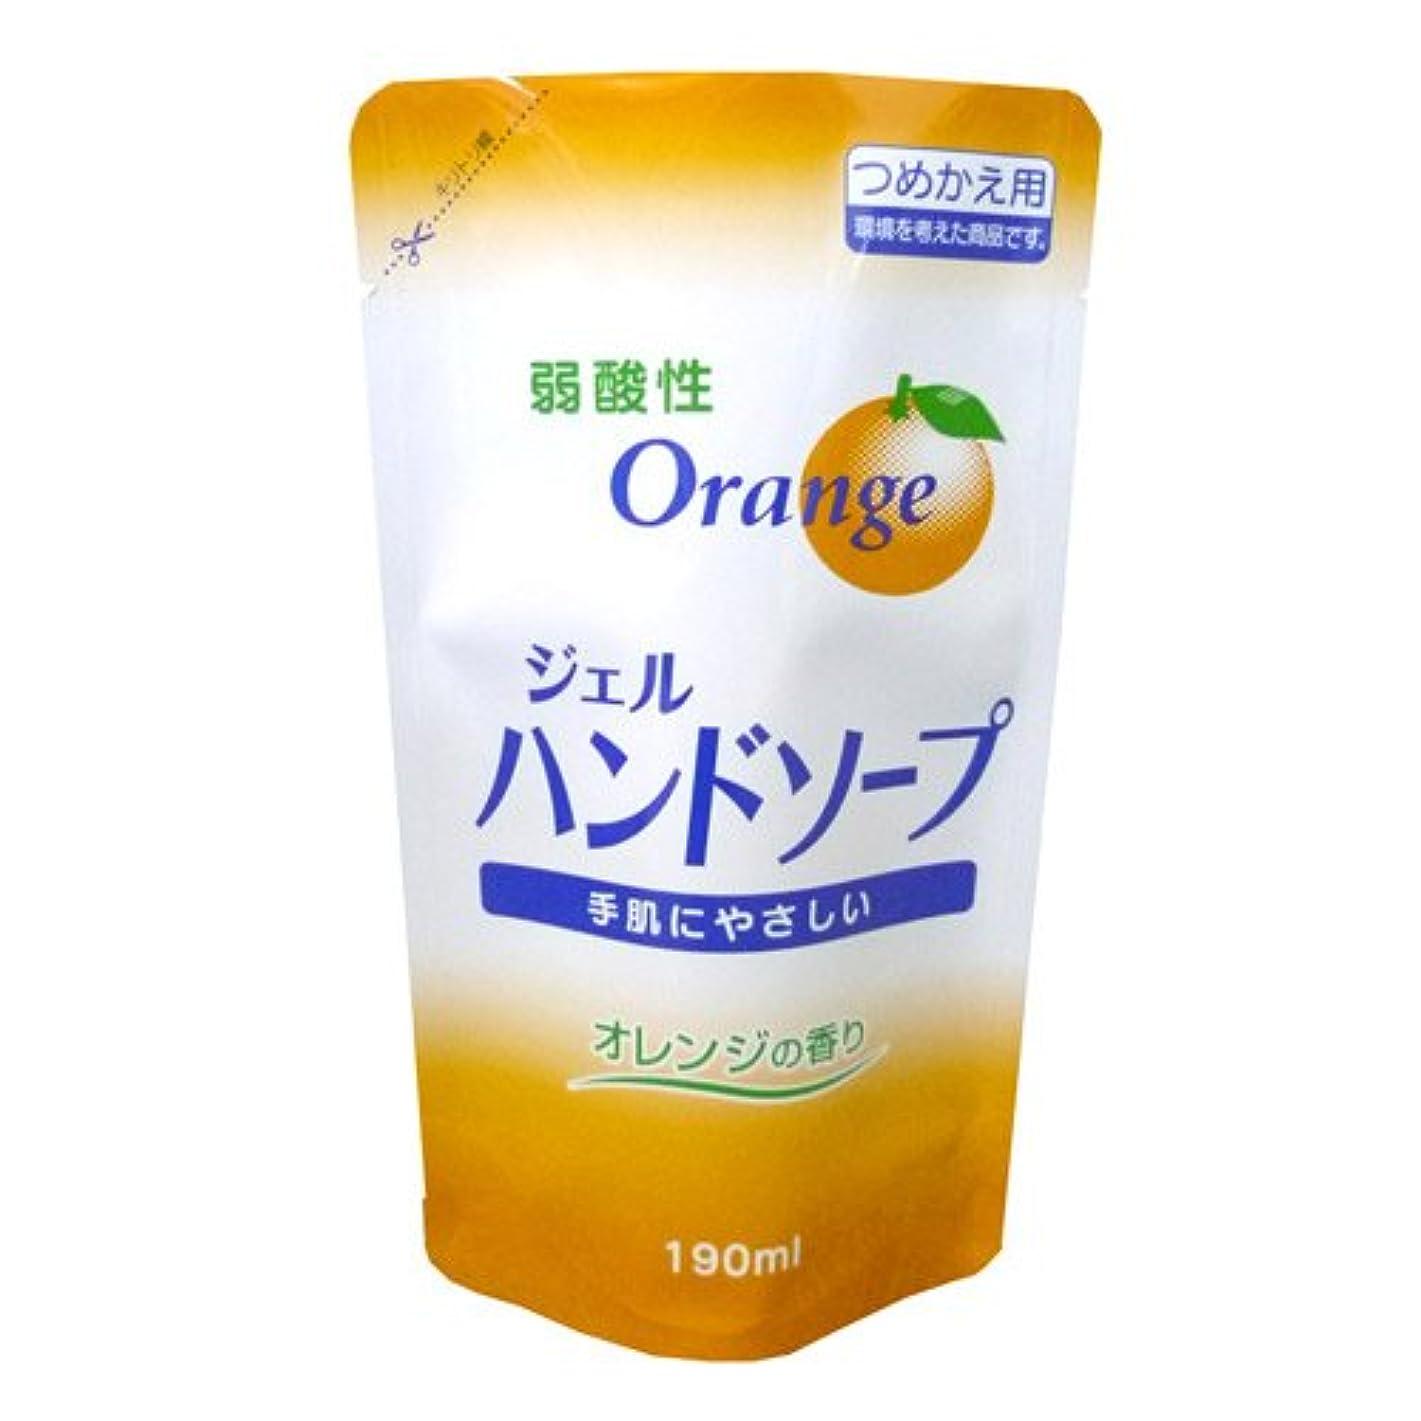 処分したお風呂を持っている他の場所弱酸性ジェルハンドソープ 詰替用 190ml